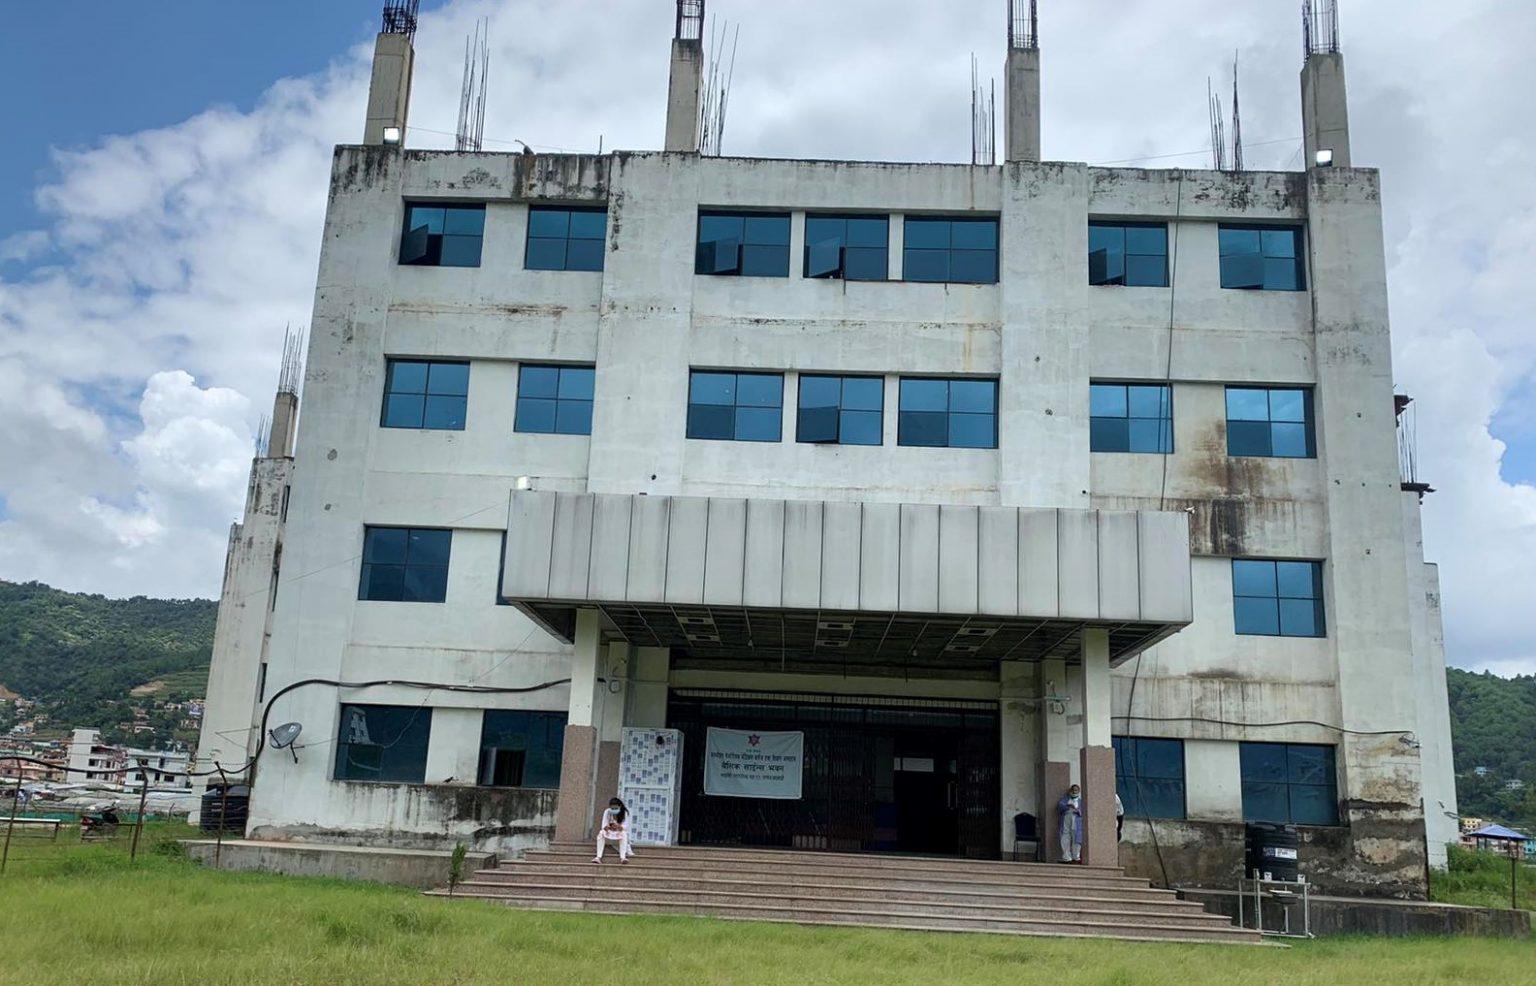 मनमोहन मेमोरियल अस्पतालद्वारा ३३३ बेडको आइसोलेसन सञ्चालन